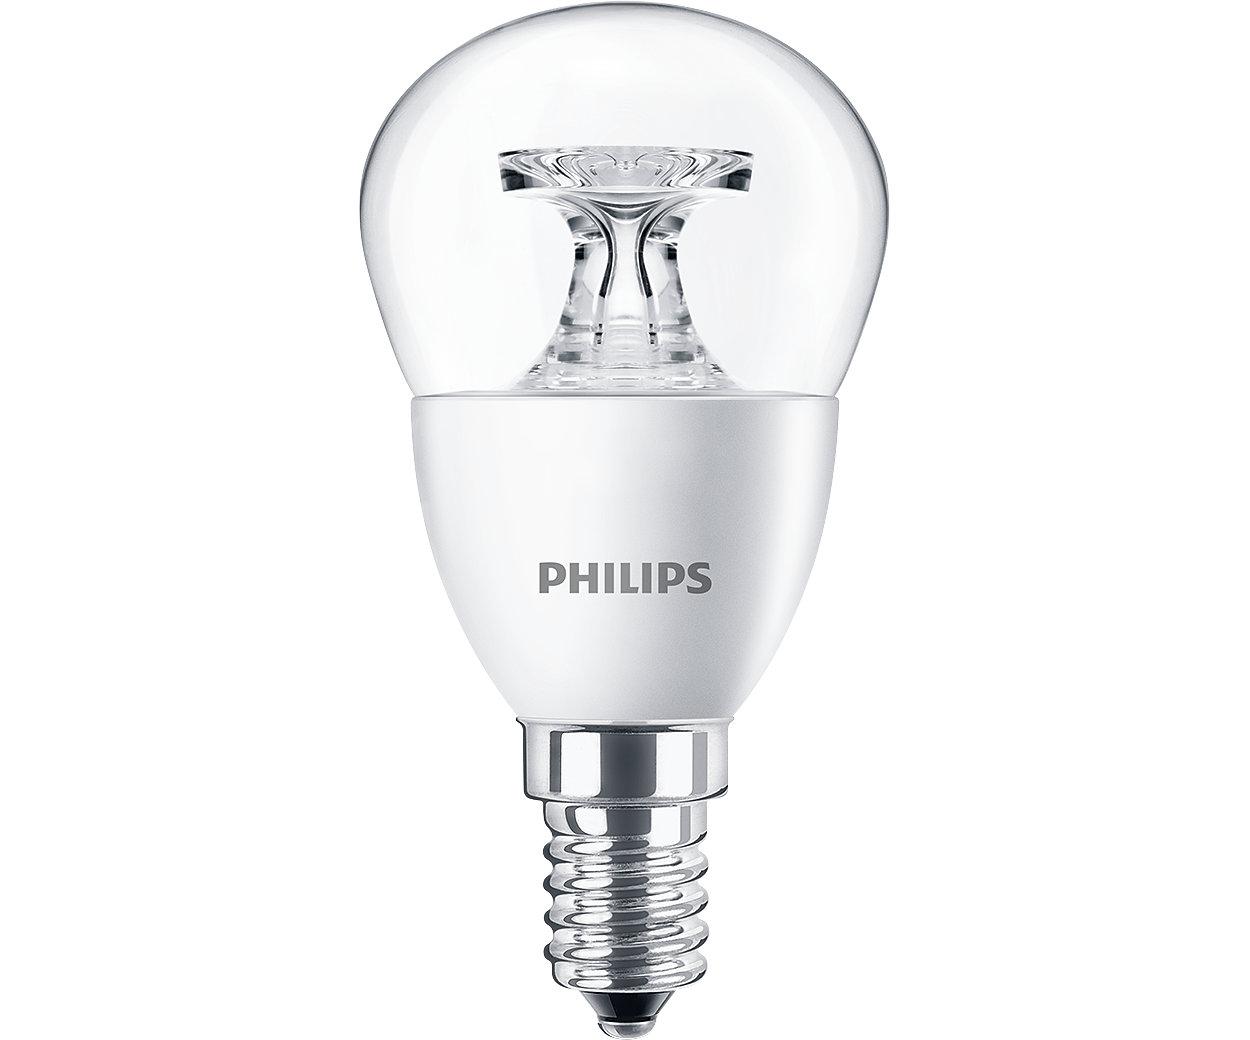 Лампа, яка відрізняється від усіх інших